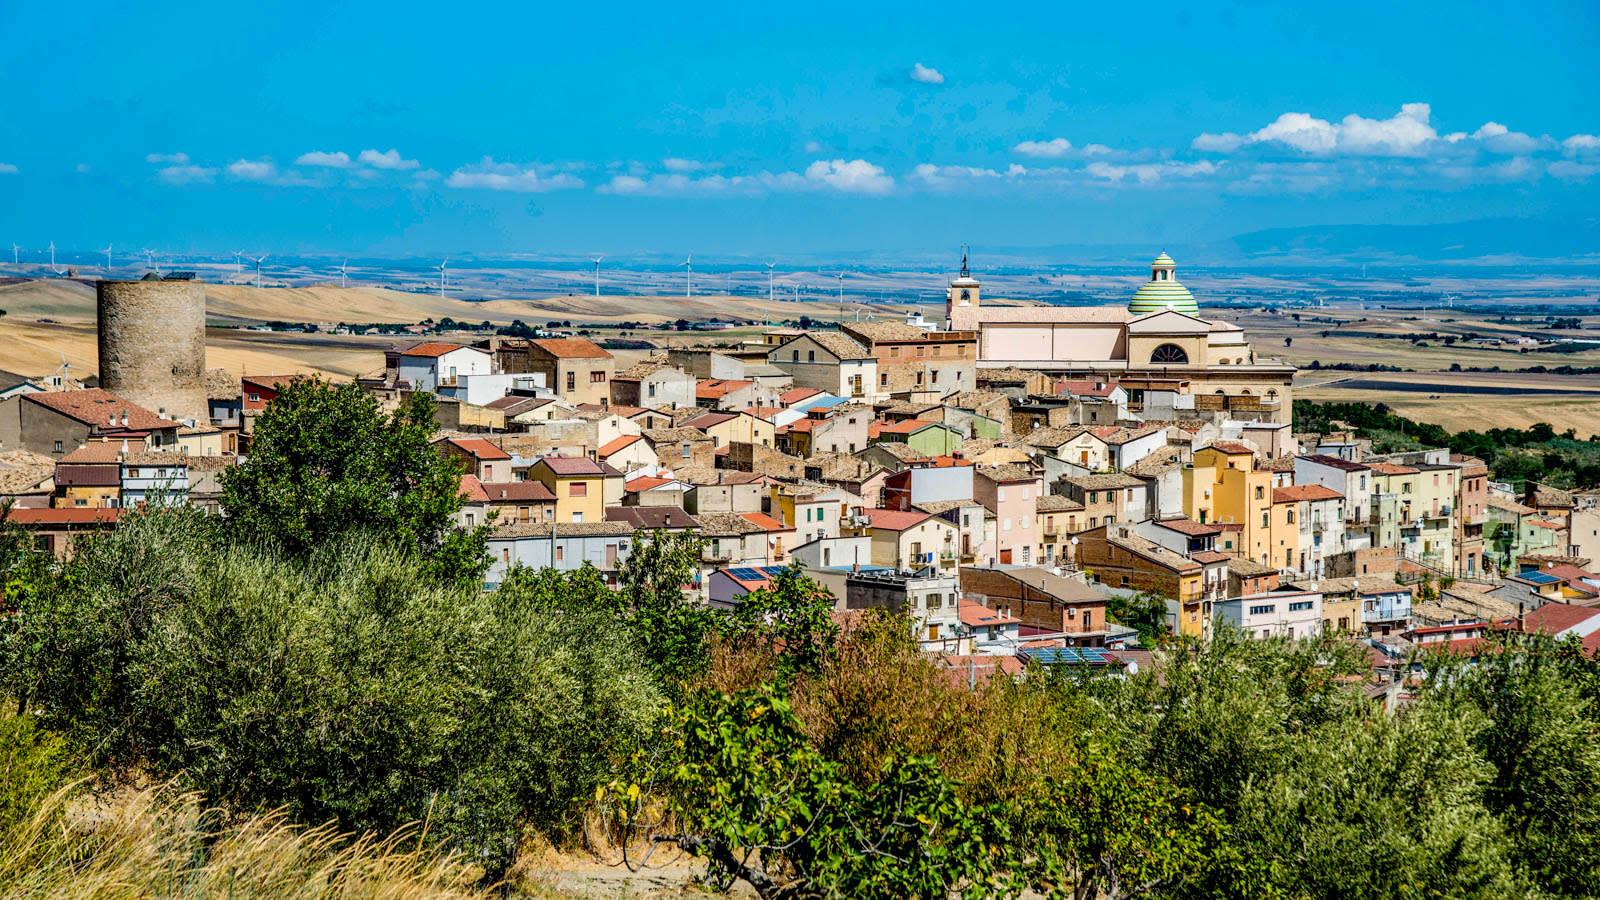 من هم الأشخاص الذين يسارعون لشراء منازل إيطالية رخيصة؟